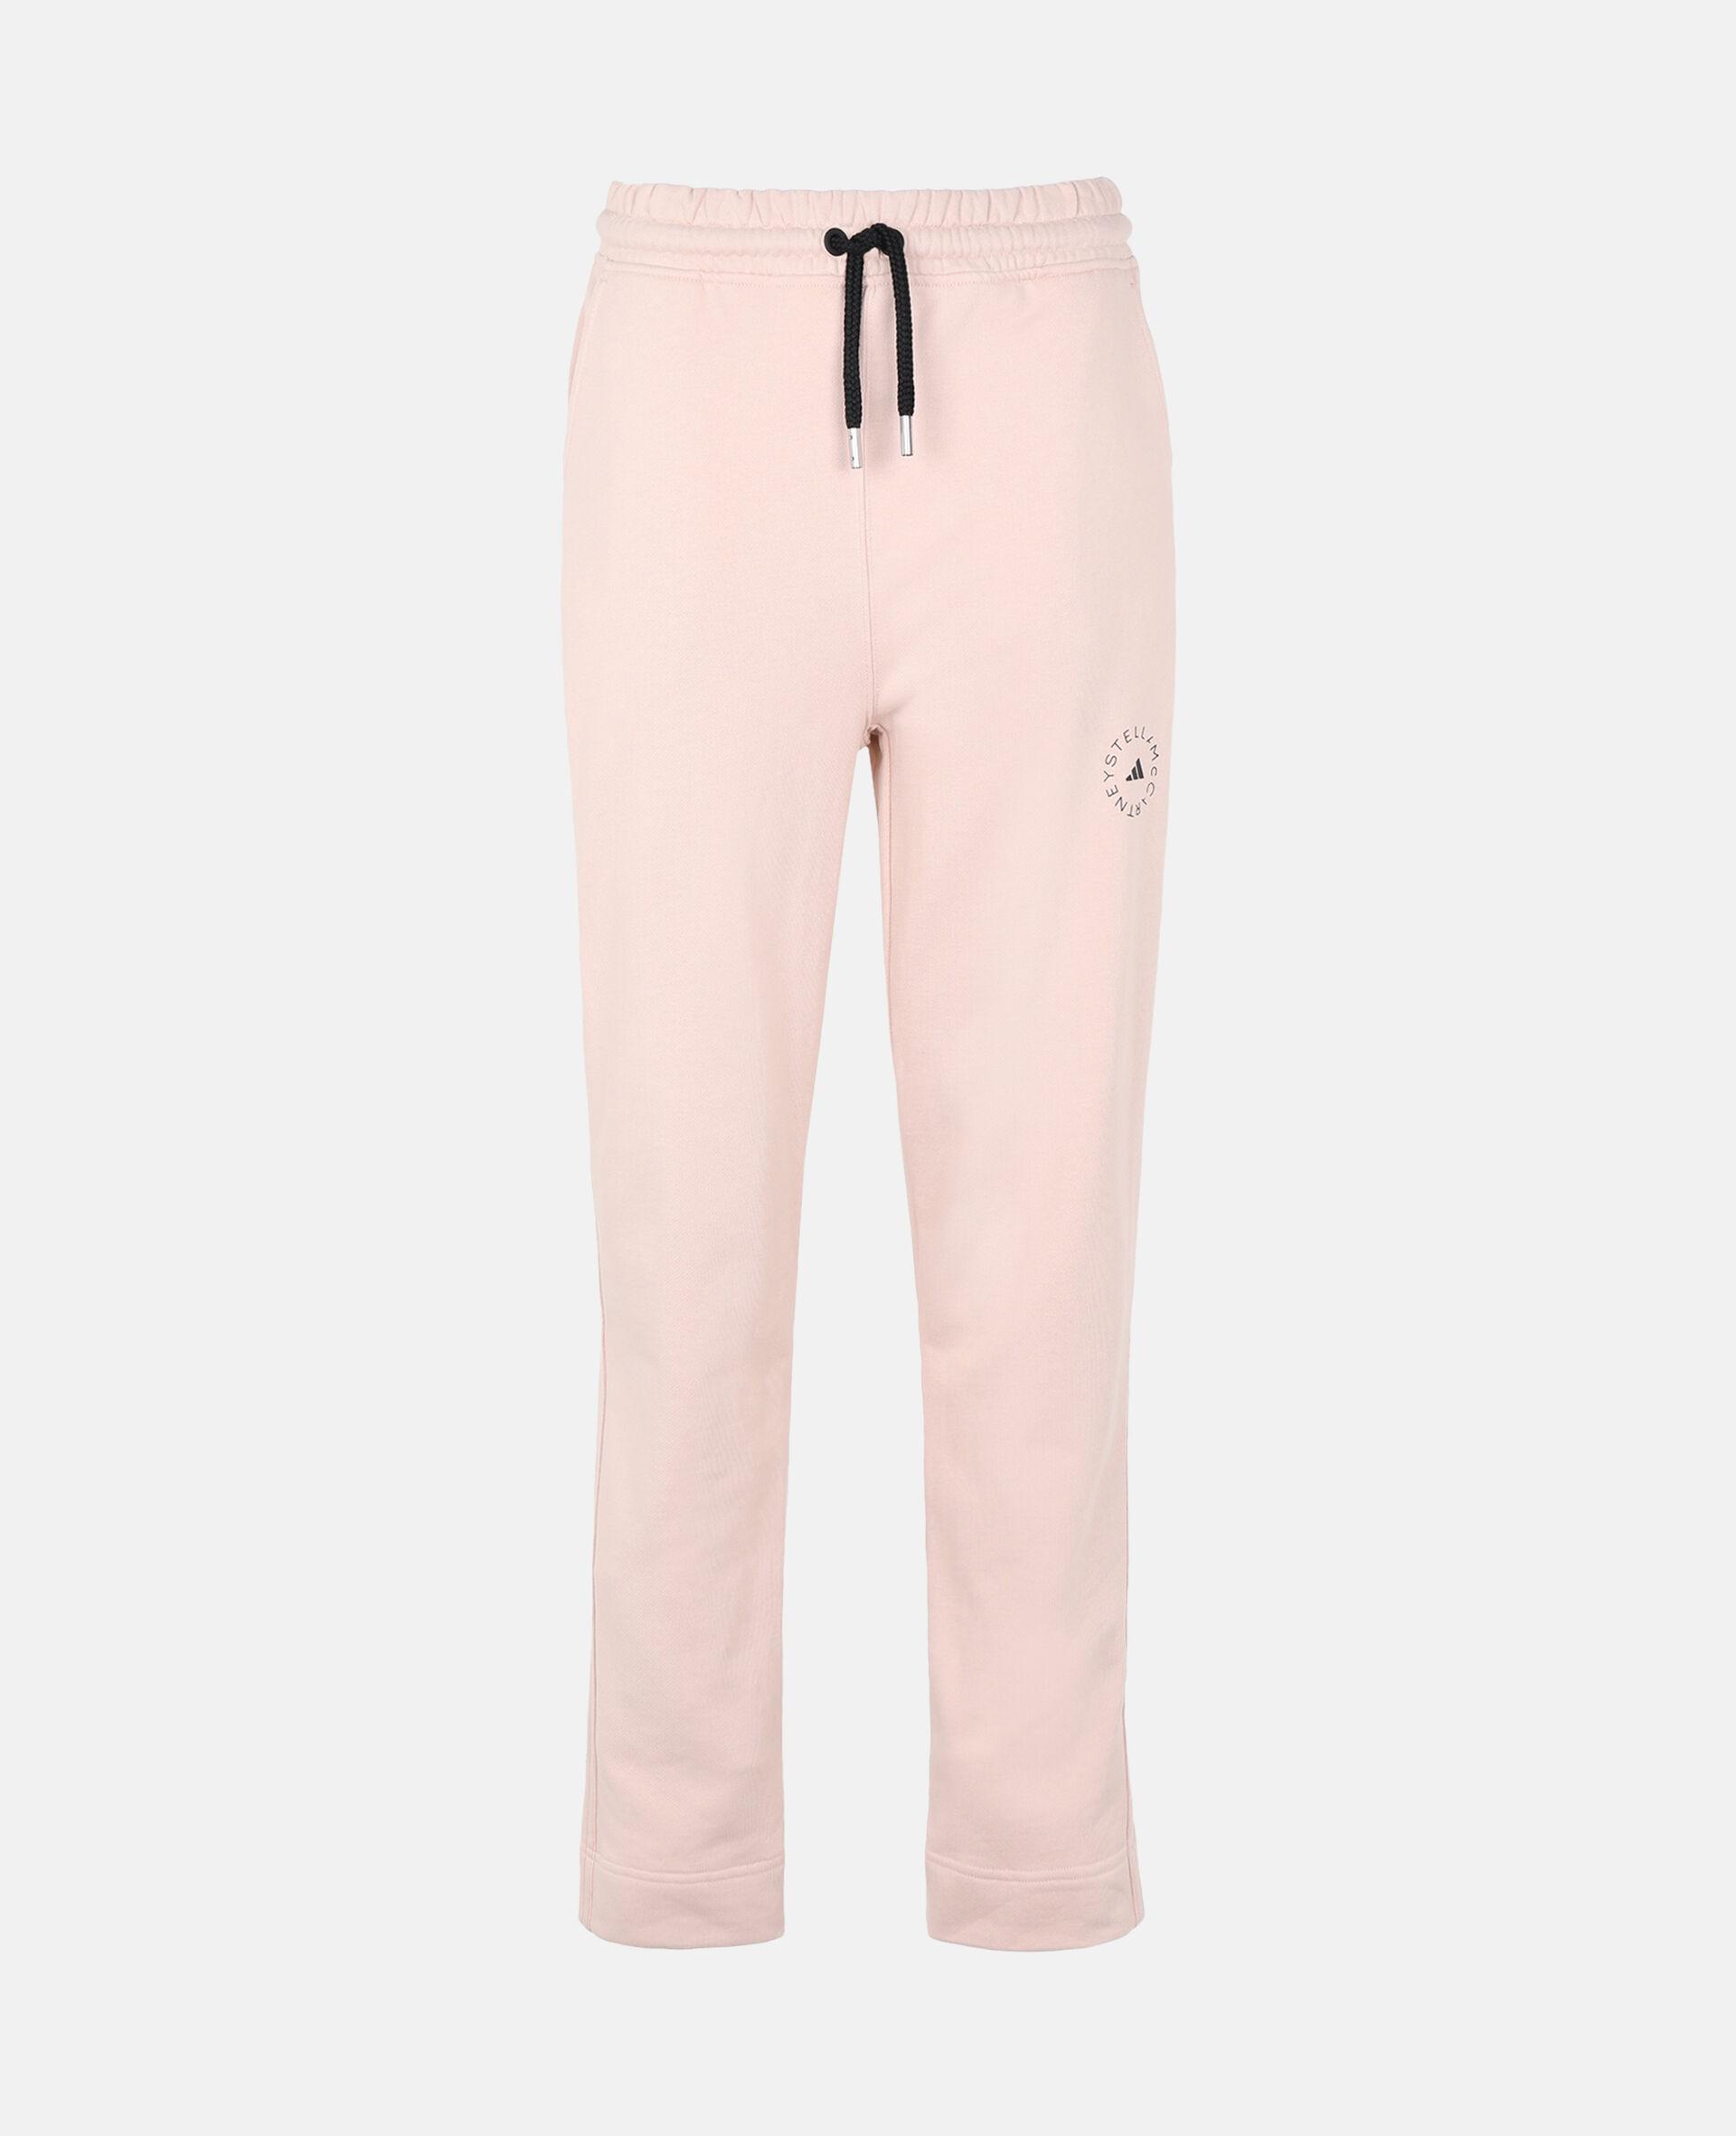 粉色 Training 卫裤 -粉色-large image number 0